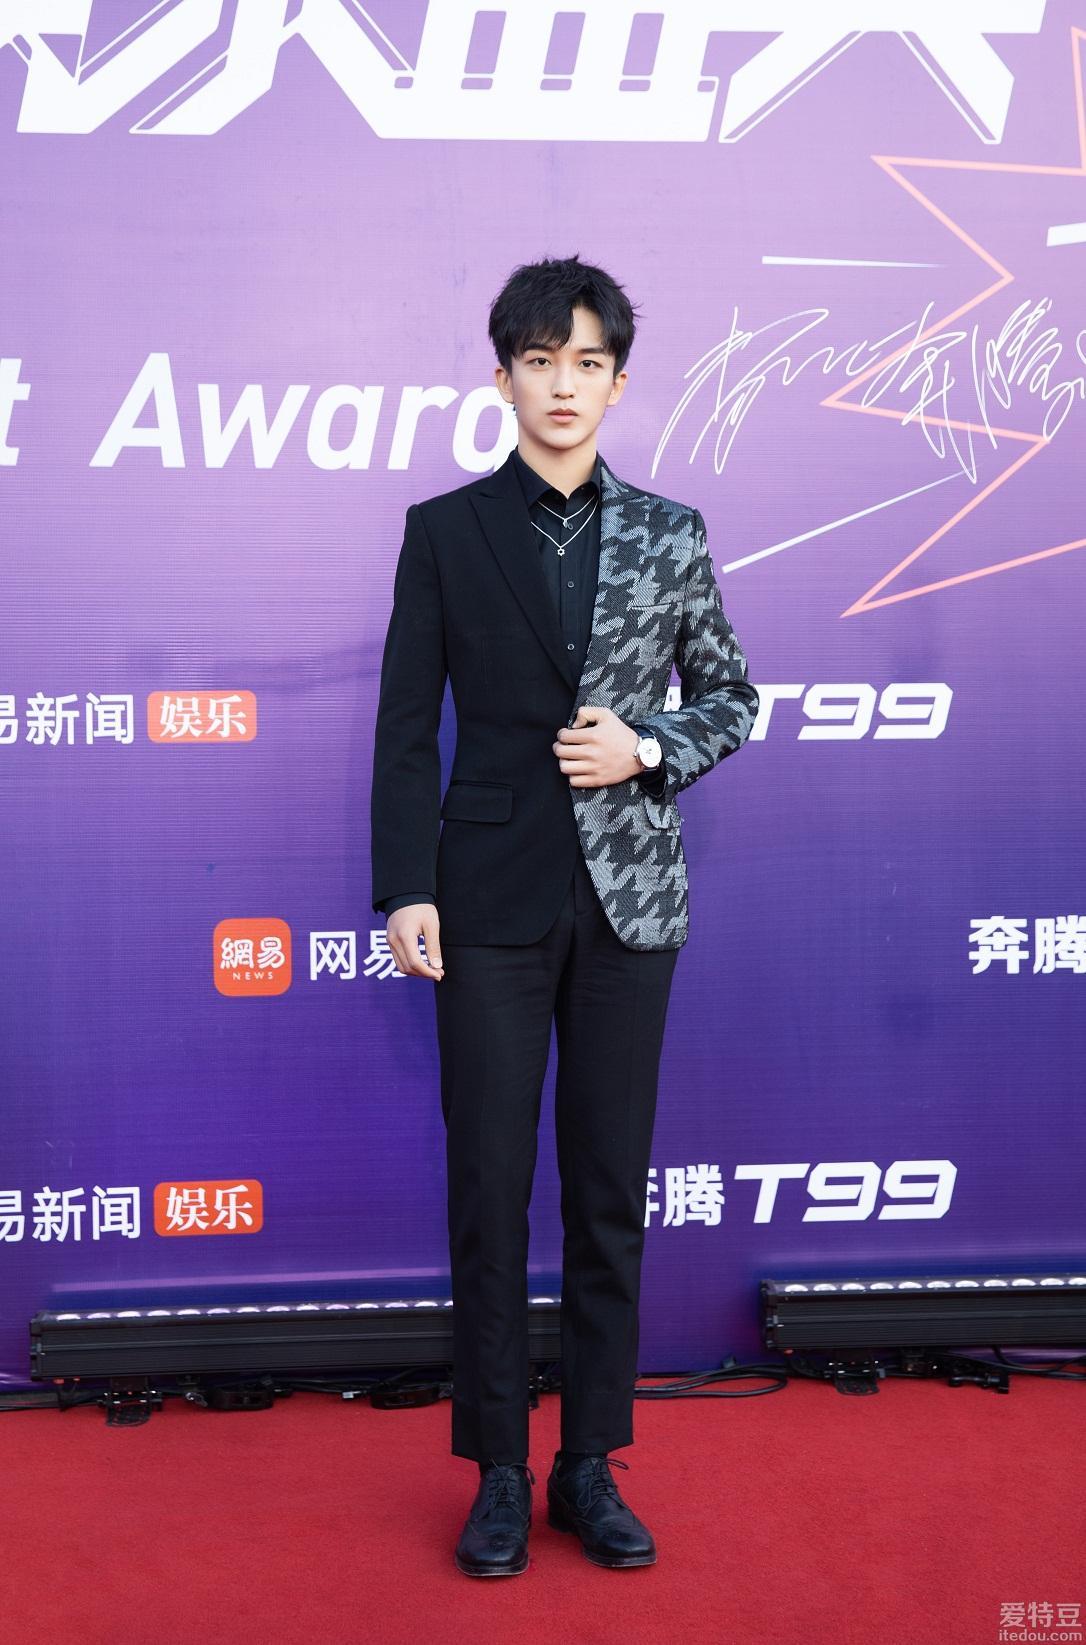 黄子弘凡荣获2019网易娱乐盛典年度优秀青年榜样